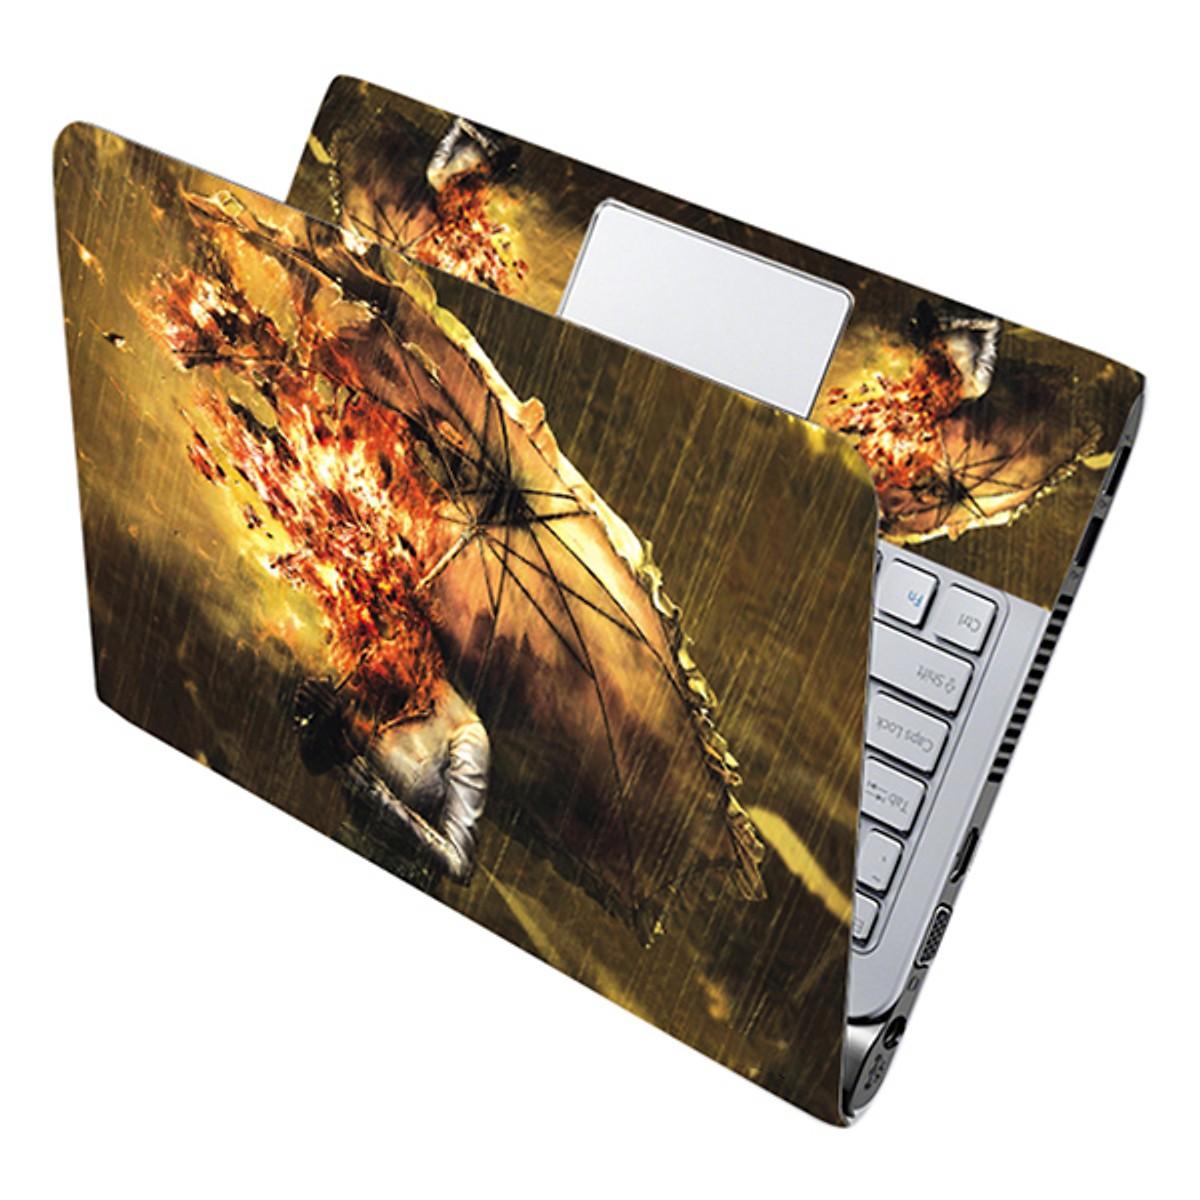 Mẫu Dán Decal Laptop Nghệ Thuật  LTNT- 15 cỡ 13 inch